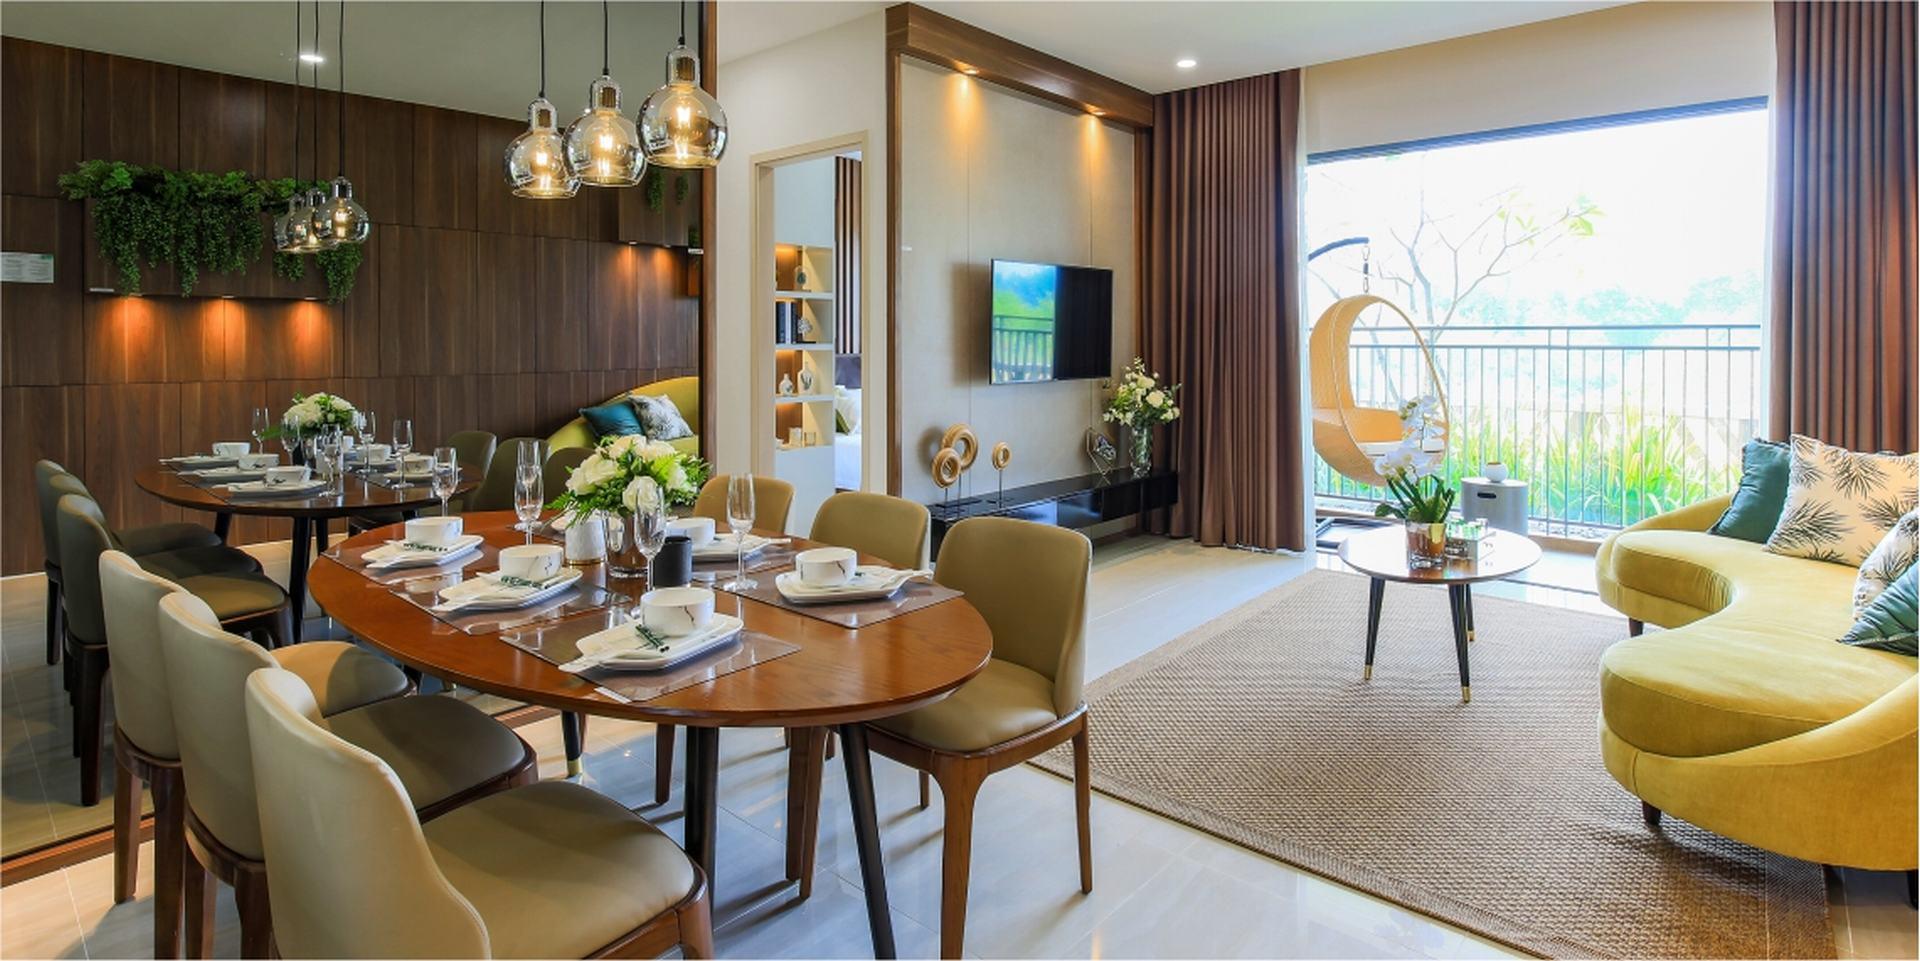 Nội thất căn hộ chung cư Palm Garden Quận 2 Đường Song Hành chủ đầu tư Keppel Land